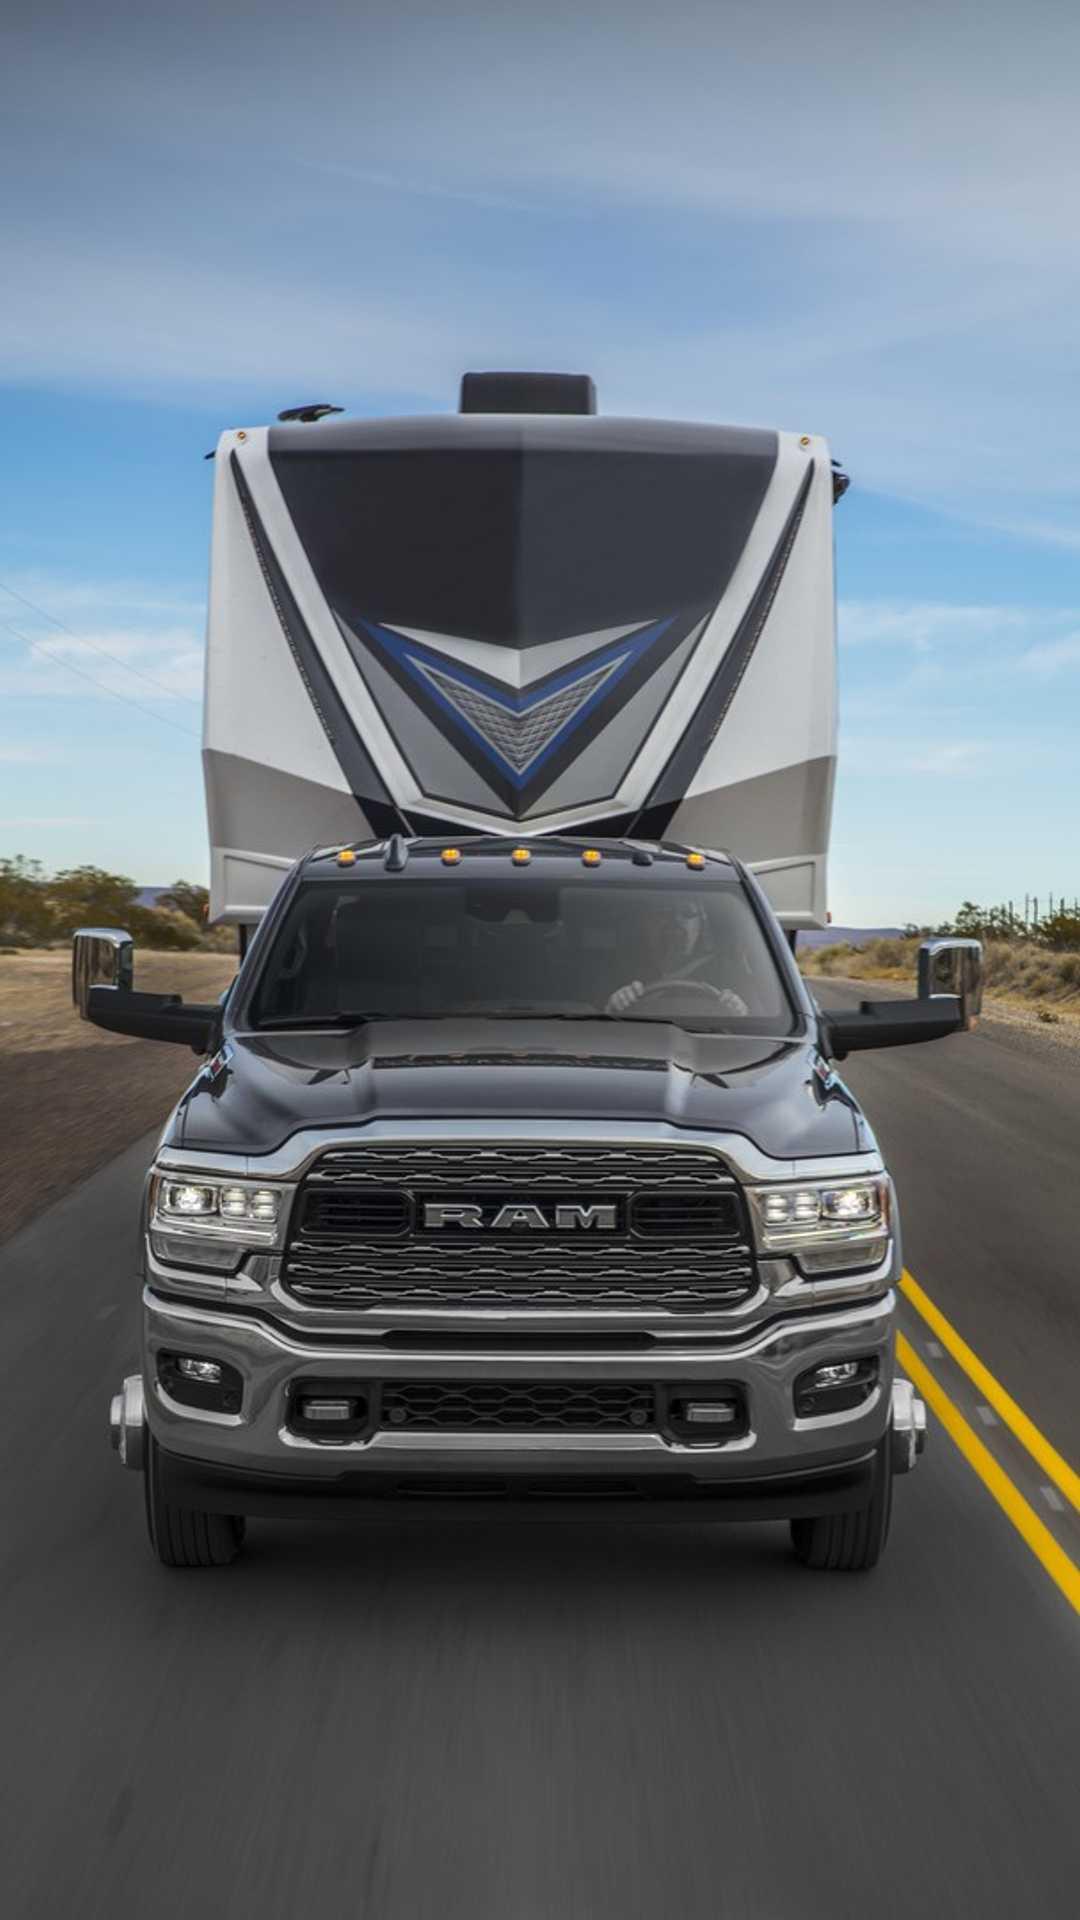 2019-ram-heavy-duty-exterior (52)